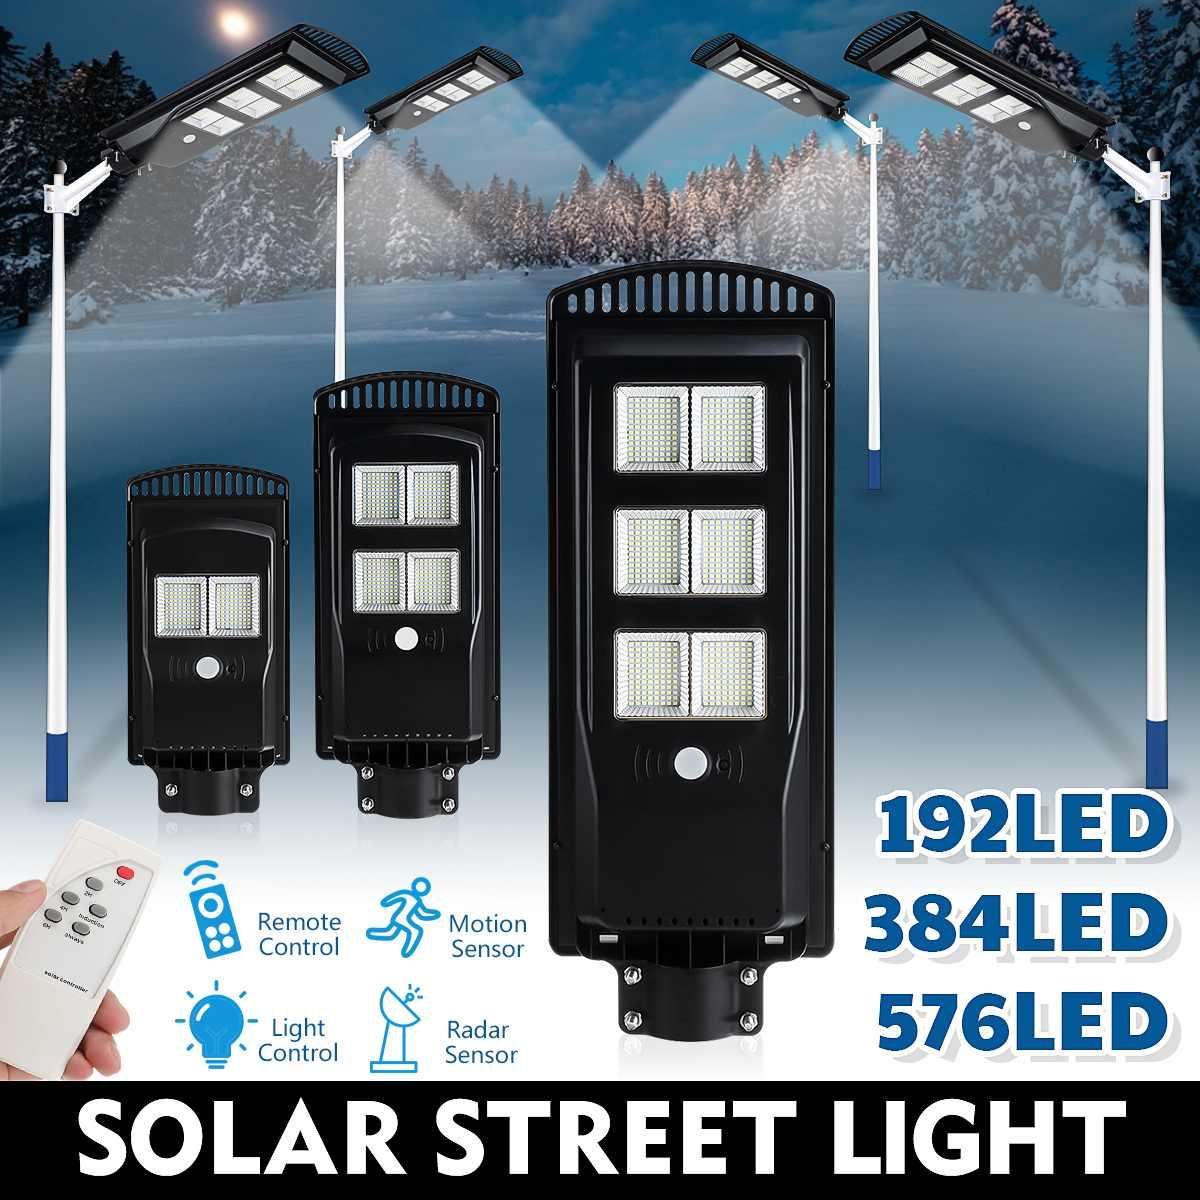 200W 300W 450W LED Solar Straße Licht mit Fernbedienung PIR Motion Sensor Outdoor Garten Industrielle Sicherheit wand Lampe